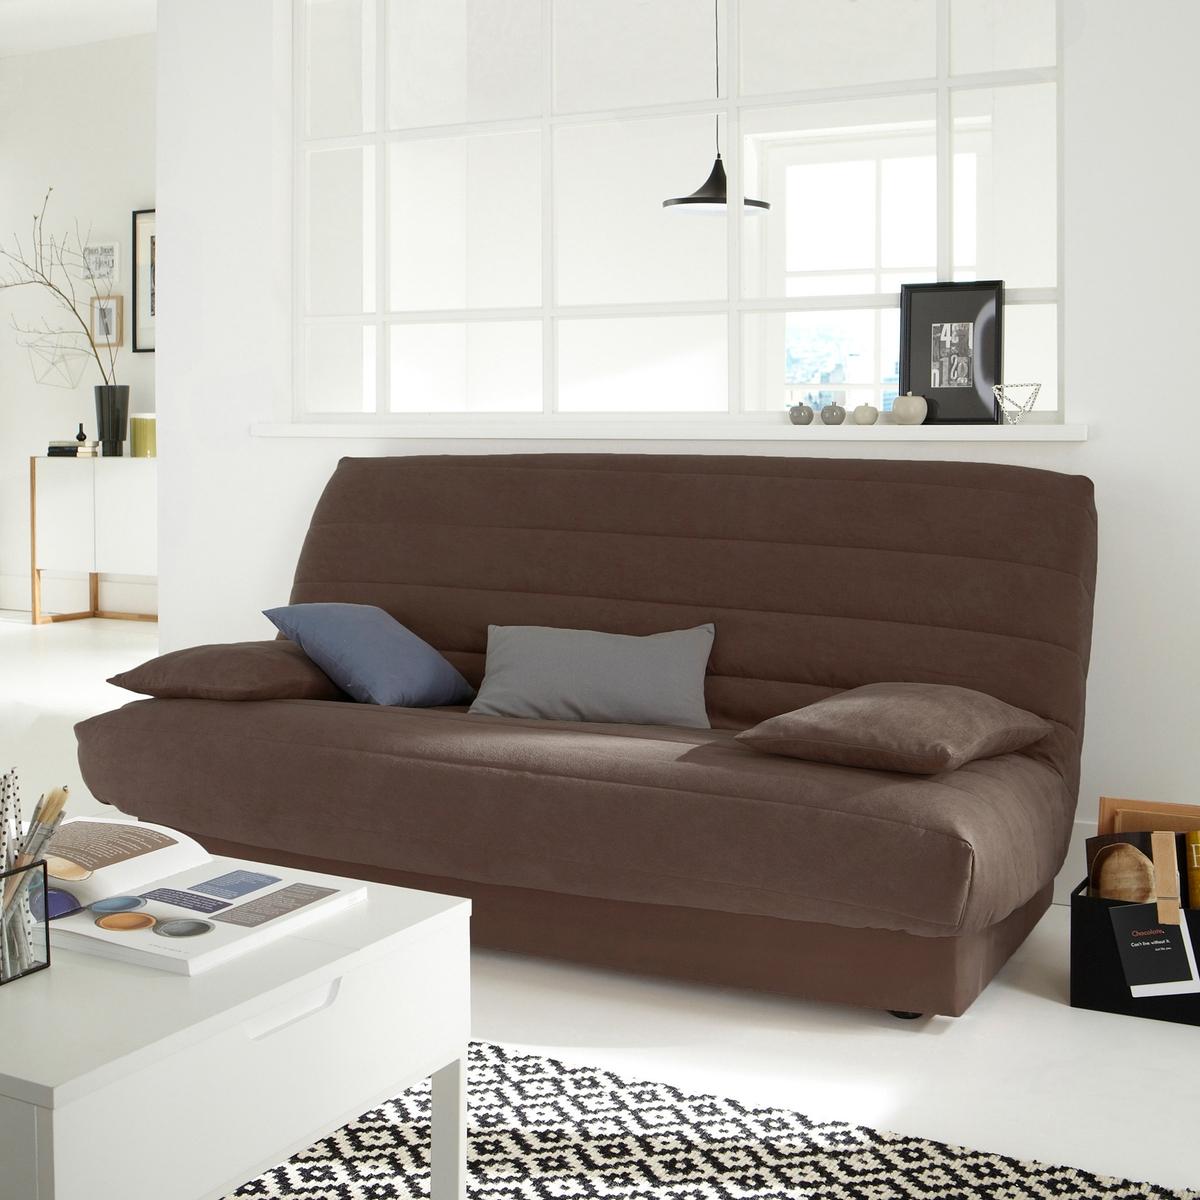 Чехол LaRedoute Из искусственной замши для раскладного дивана единый размер каштановый